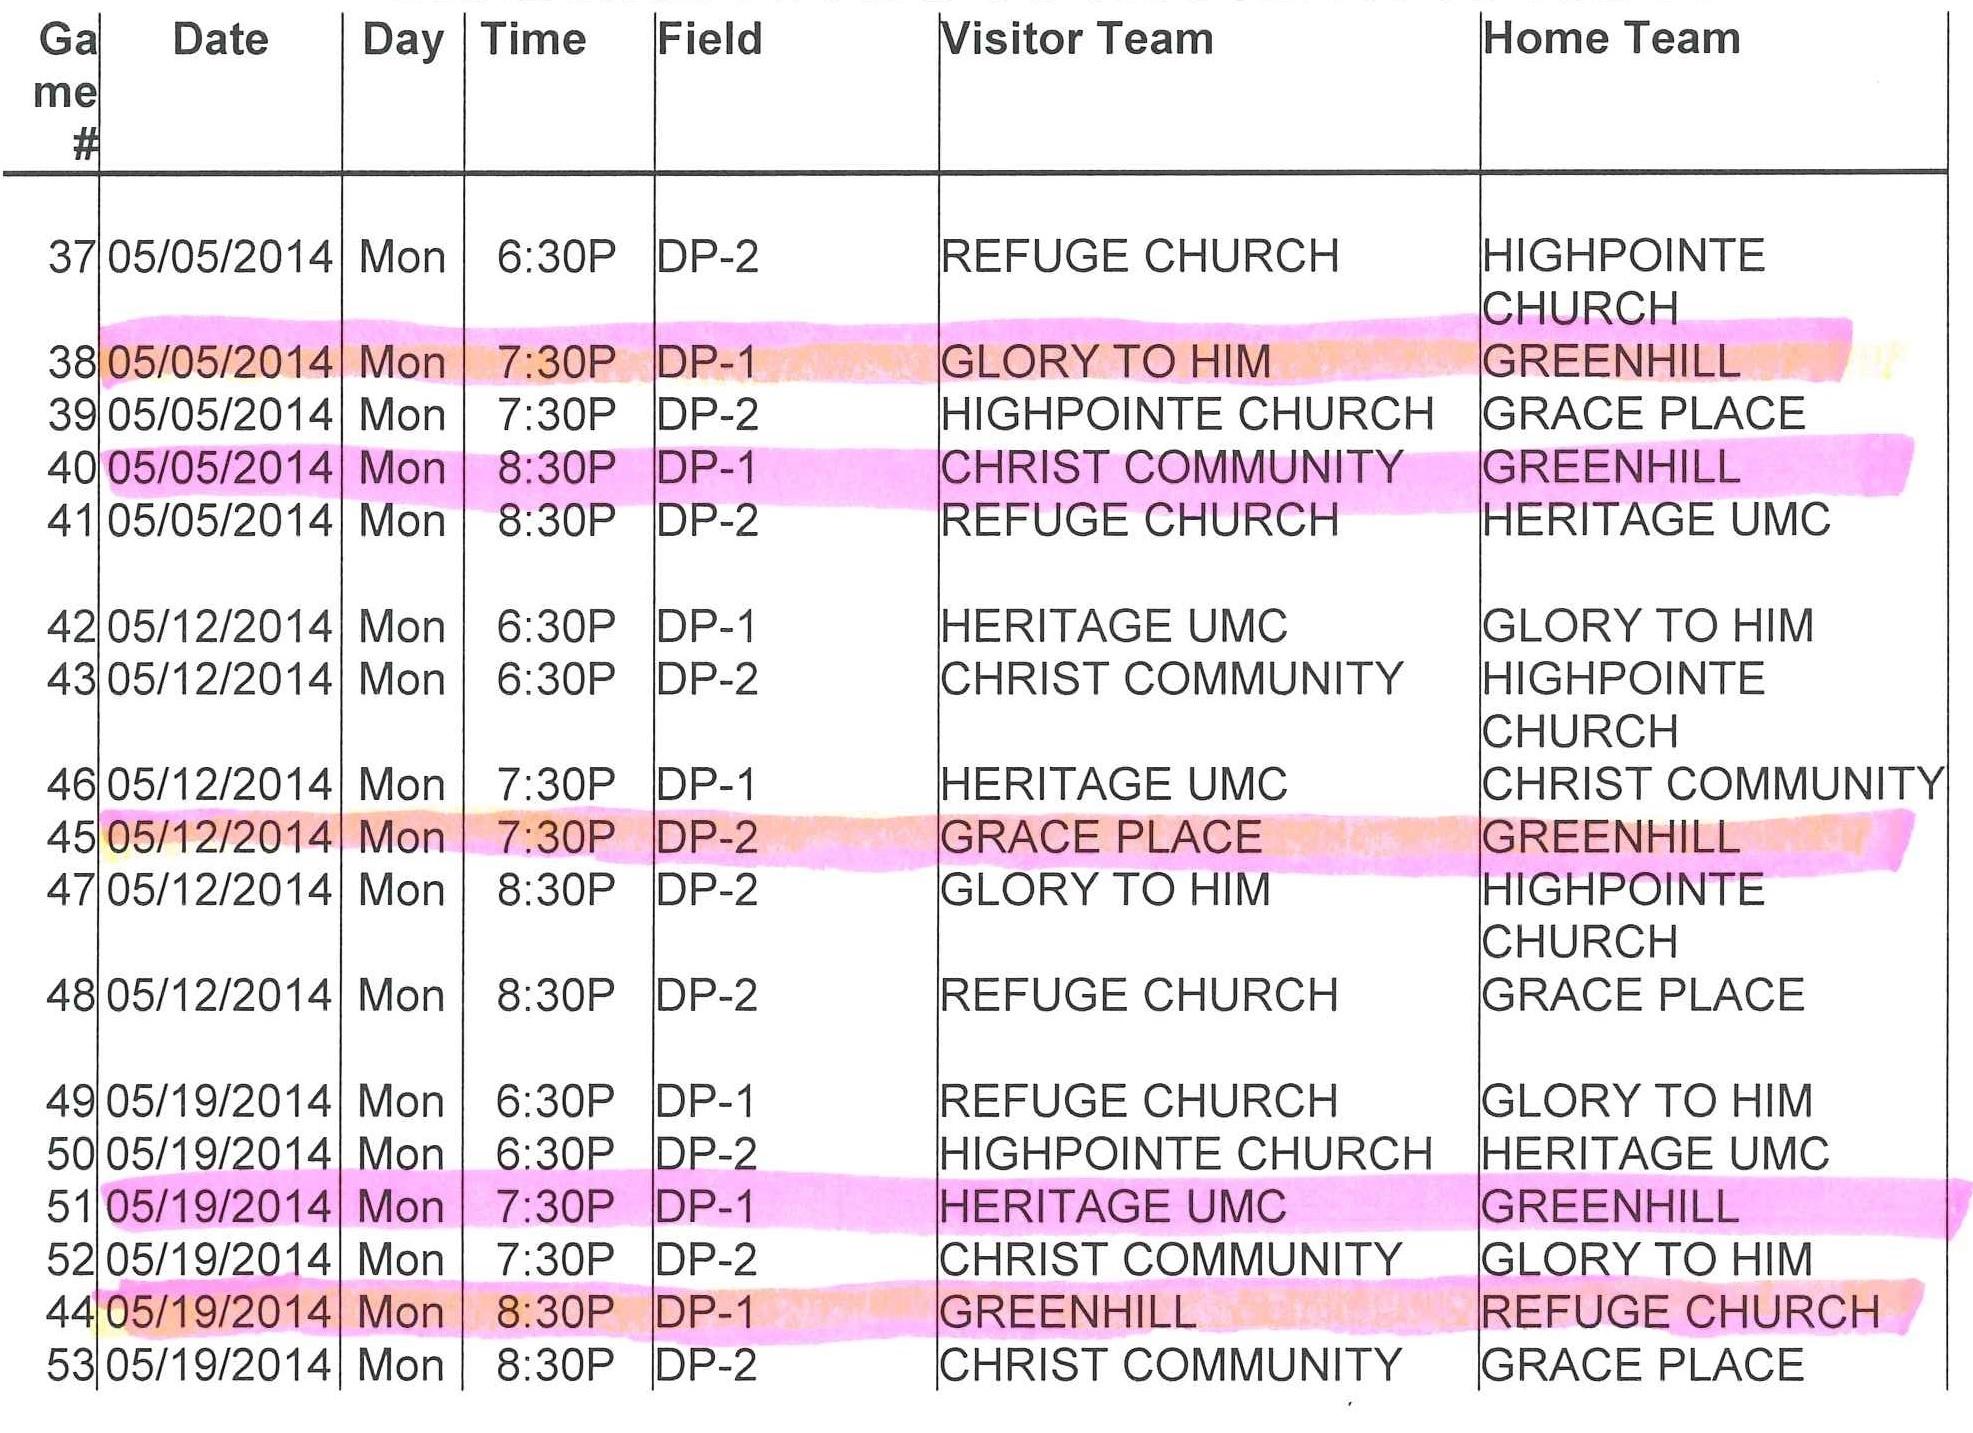 net/plugins/services/fetchticket/liturgical-calendar-2012-presbyterian ...